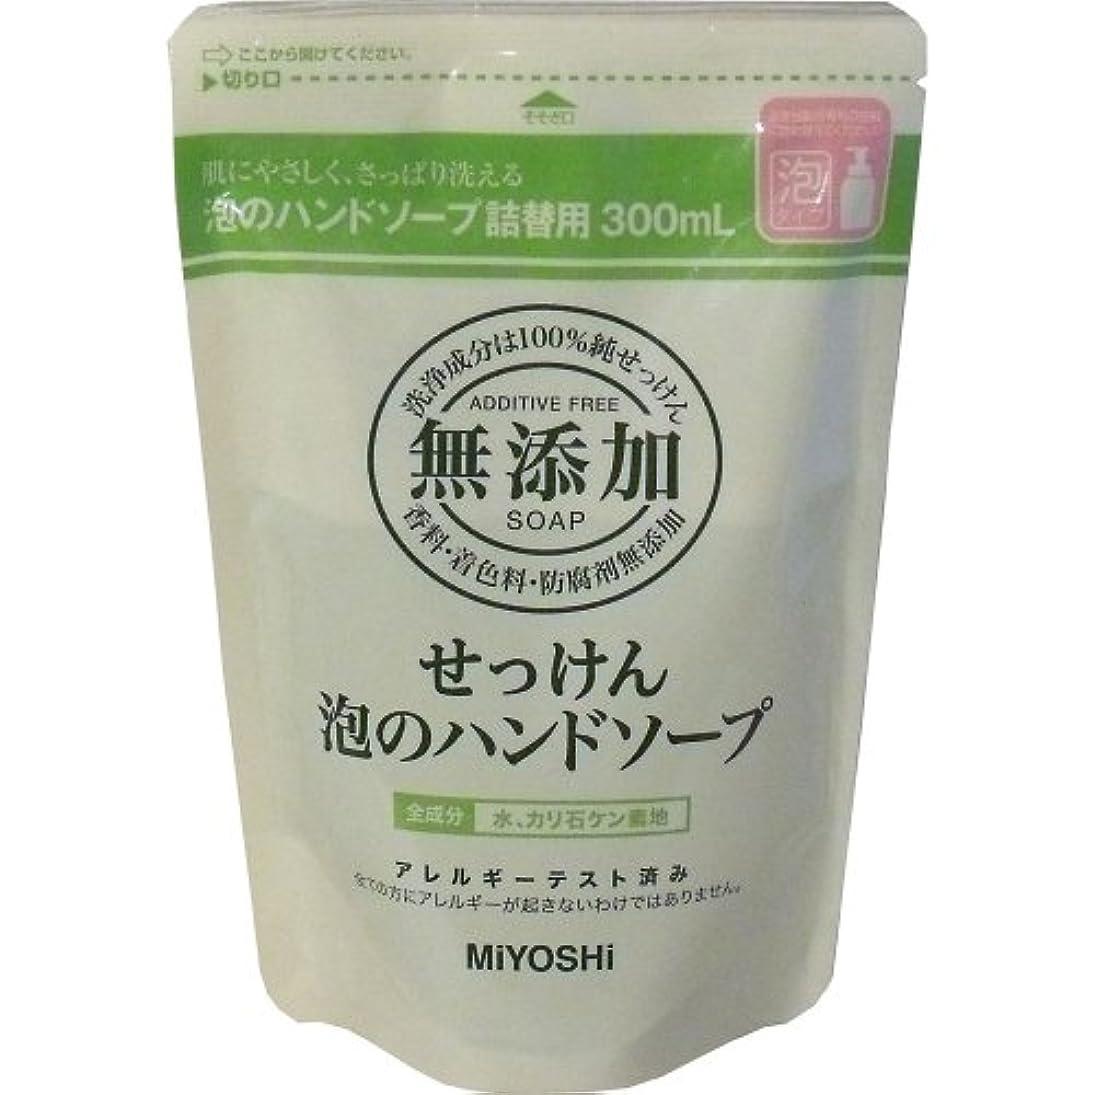 故障中悲鳴冗談でミヨシ石鹸 無添加せっけん泡ハンドソープ 詰替用300ml×5